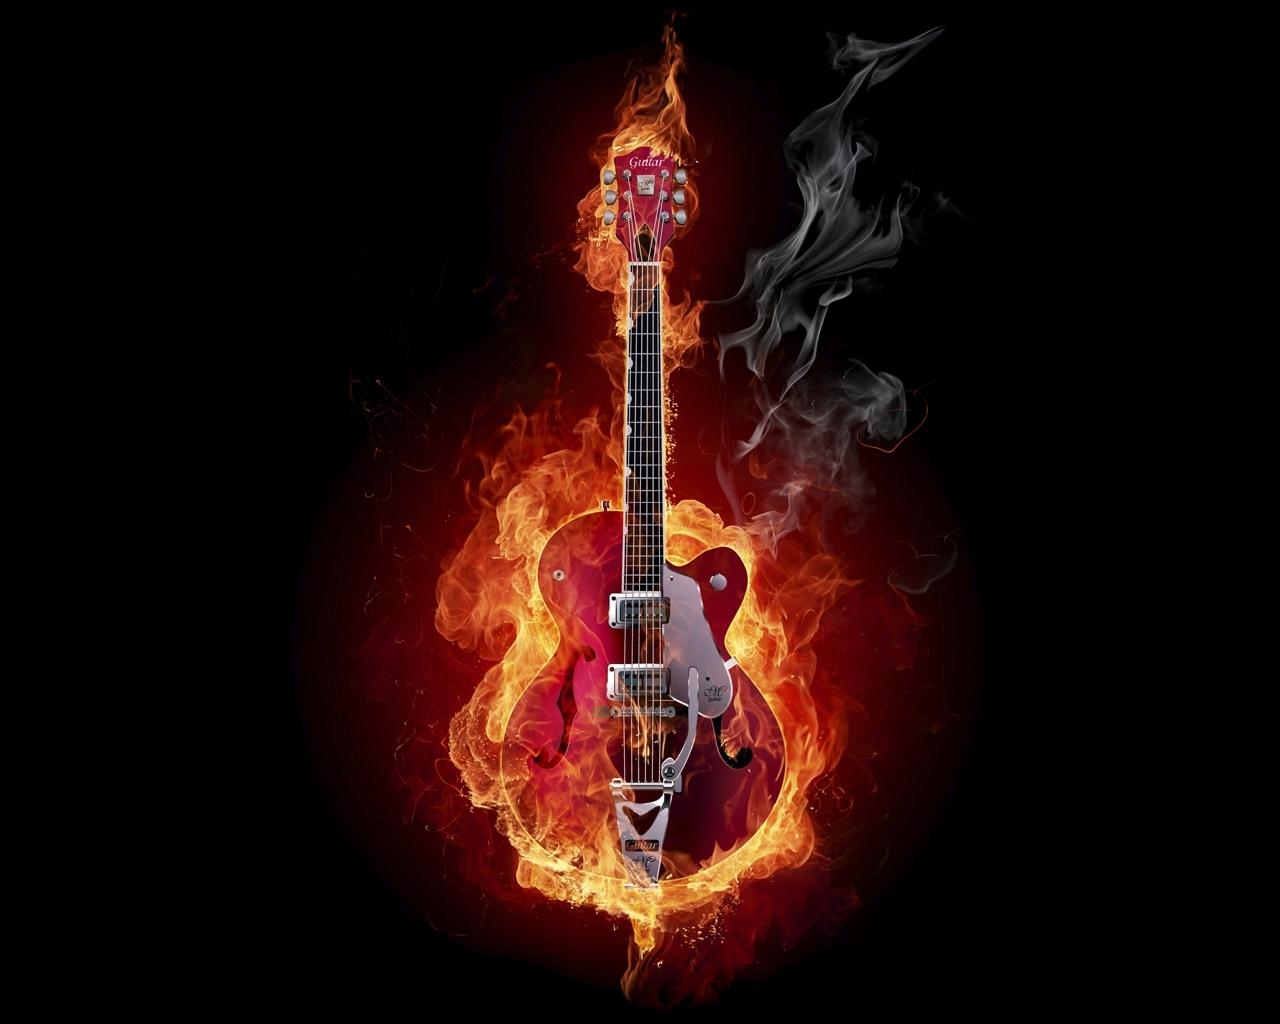 8916 Hintergrundbild herunterladen Musik, Objekte, Kunst, Feuer, Werkzeuge, Gitarren - Bildschirmschoner und Bilder kostenlos